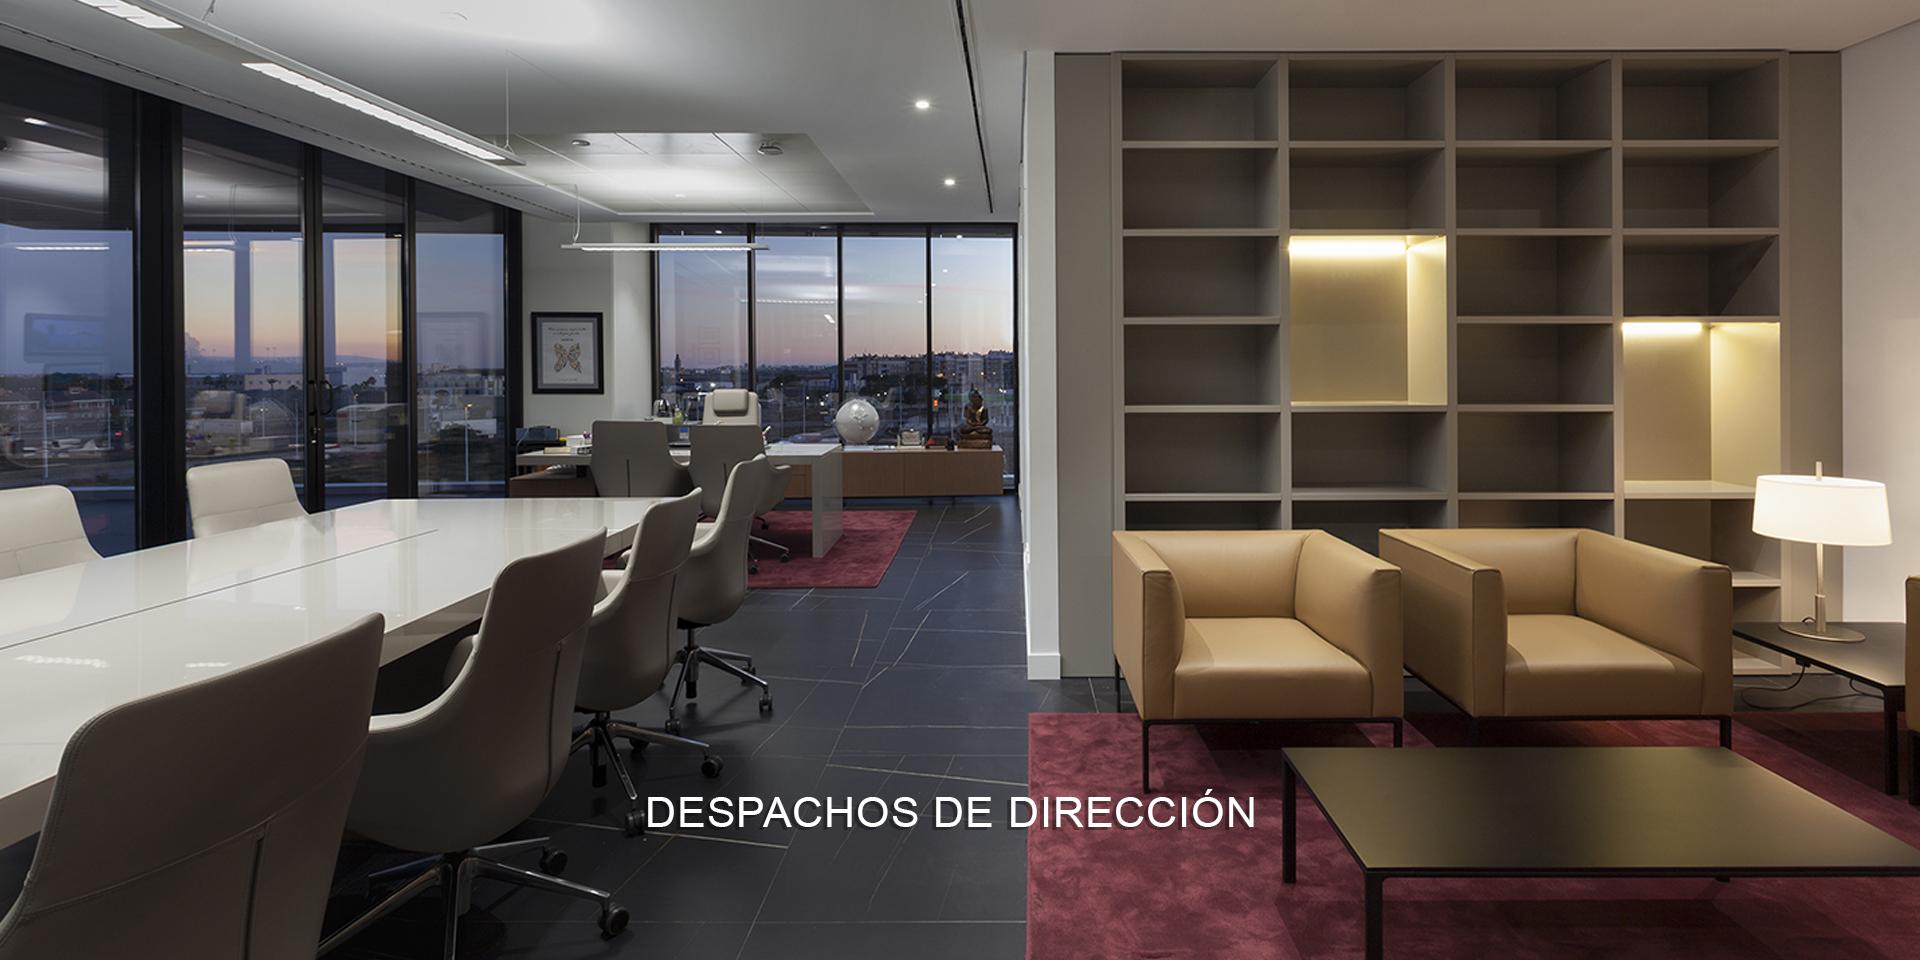 DESPACHOS DE DIRECCIÓN